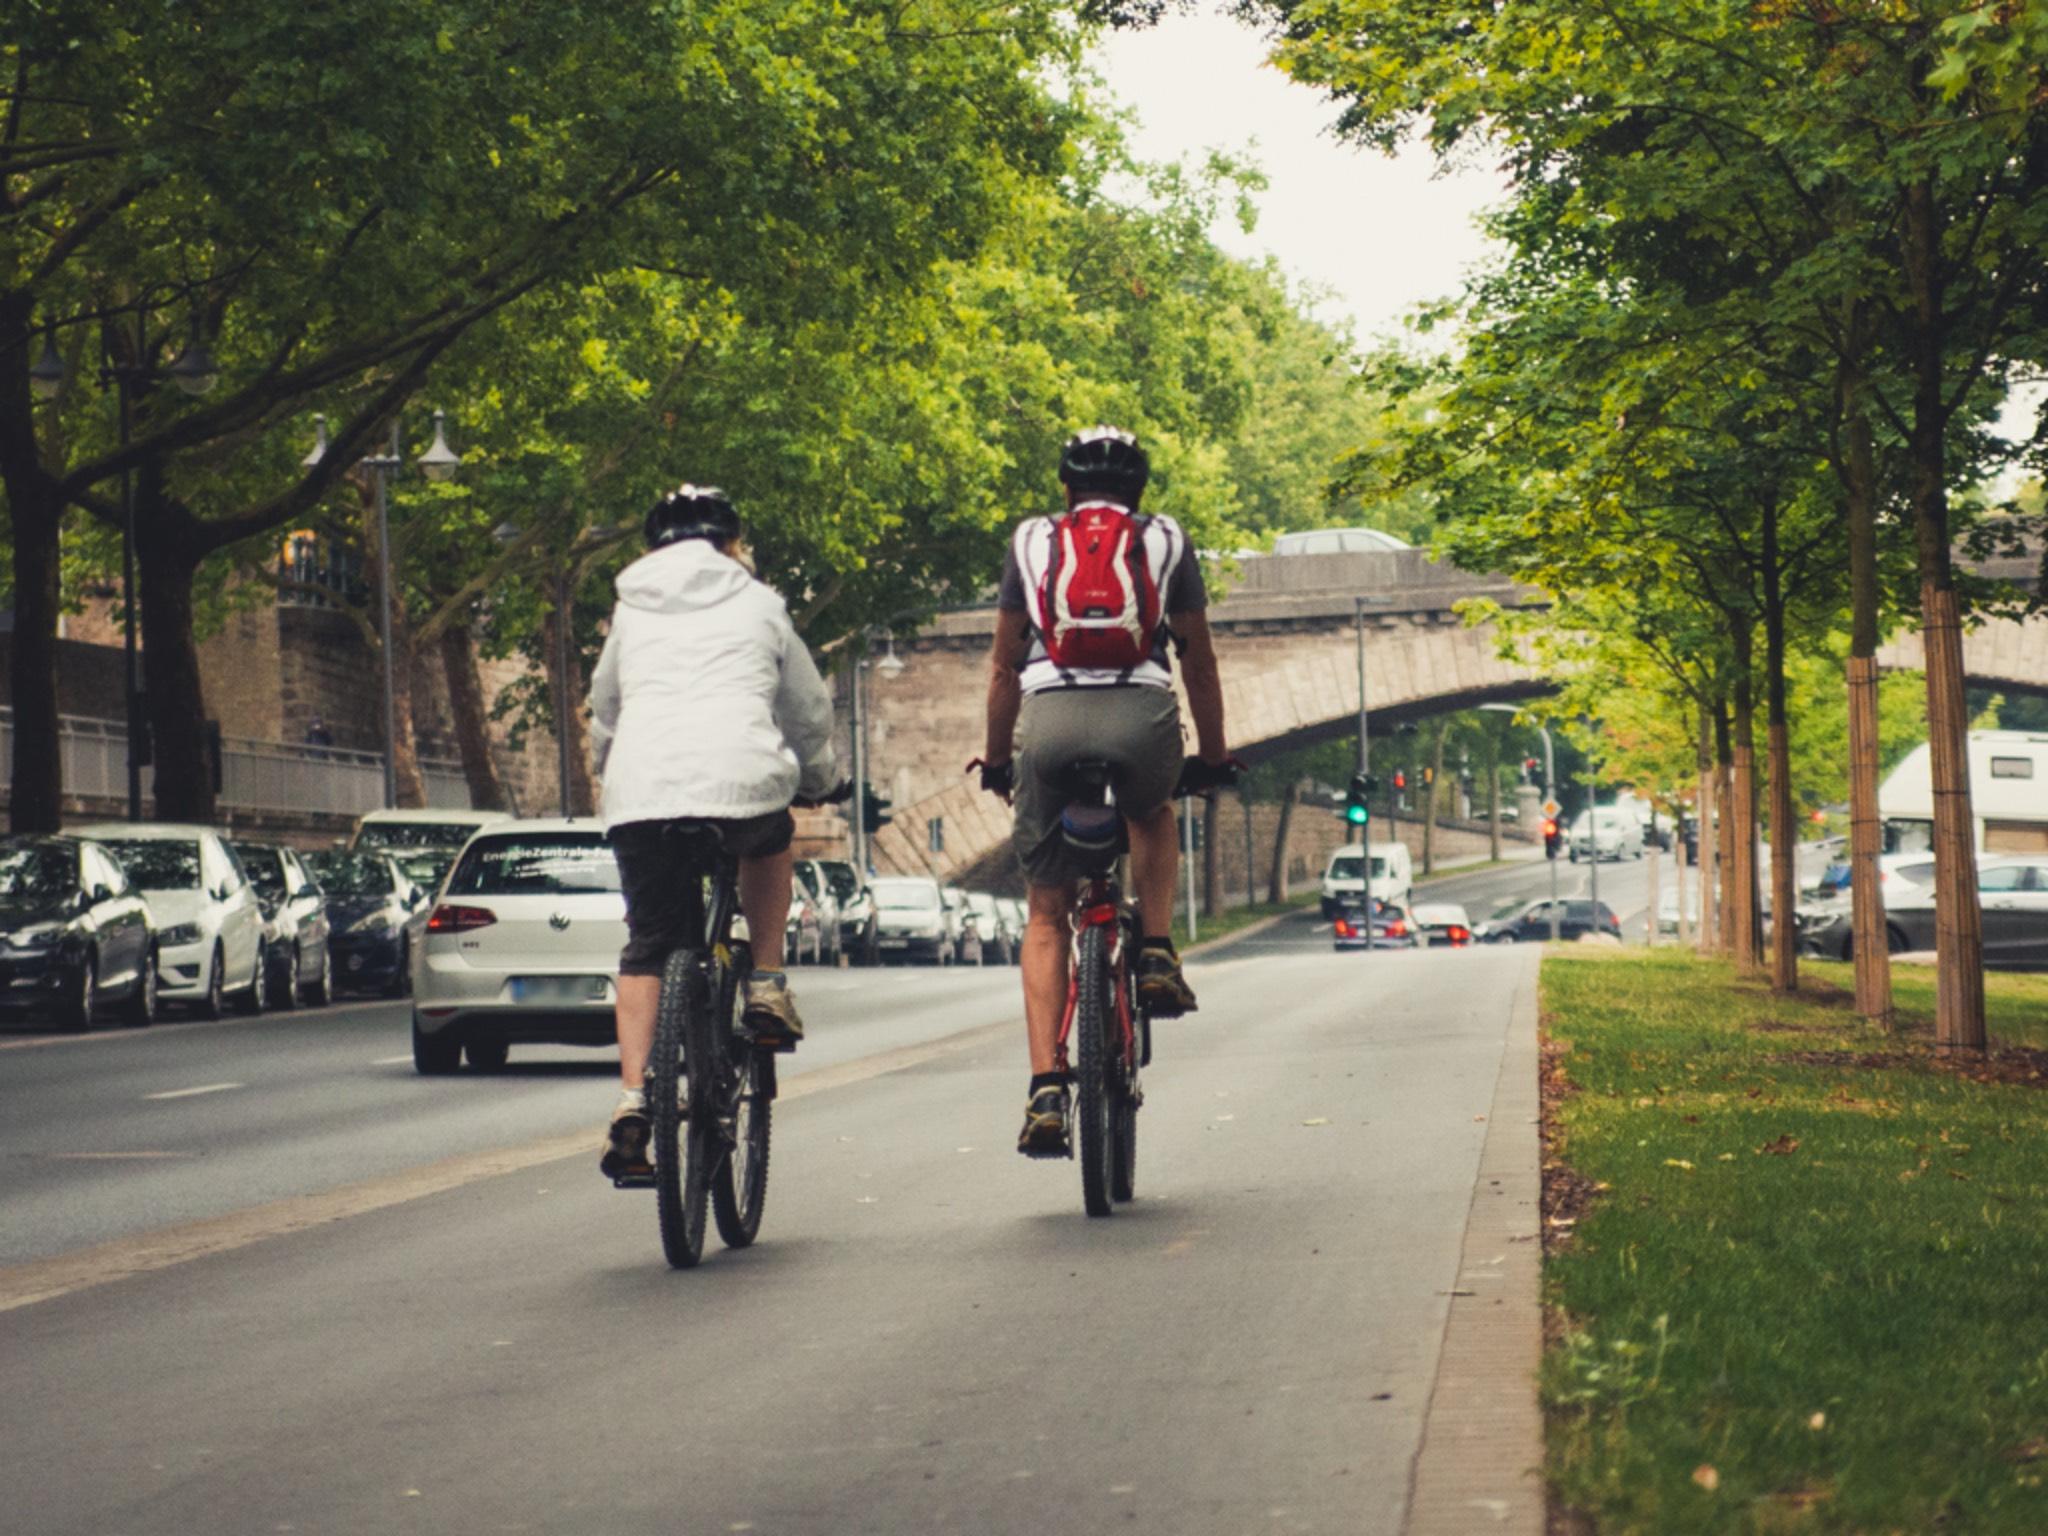 Auf der Suche nach einem neuen Fahrrad? Auf der Radbörse wird man sicherlich fündig! Foto: Pascal Höfig